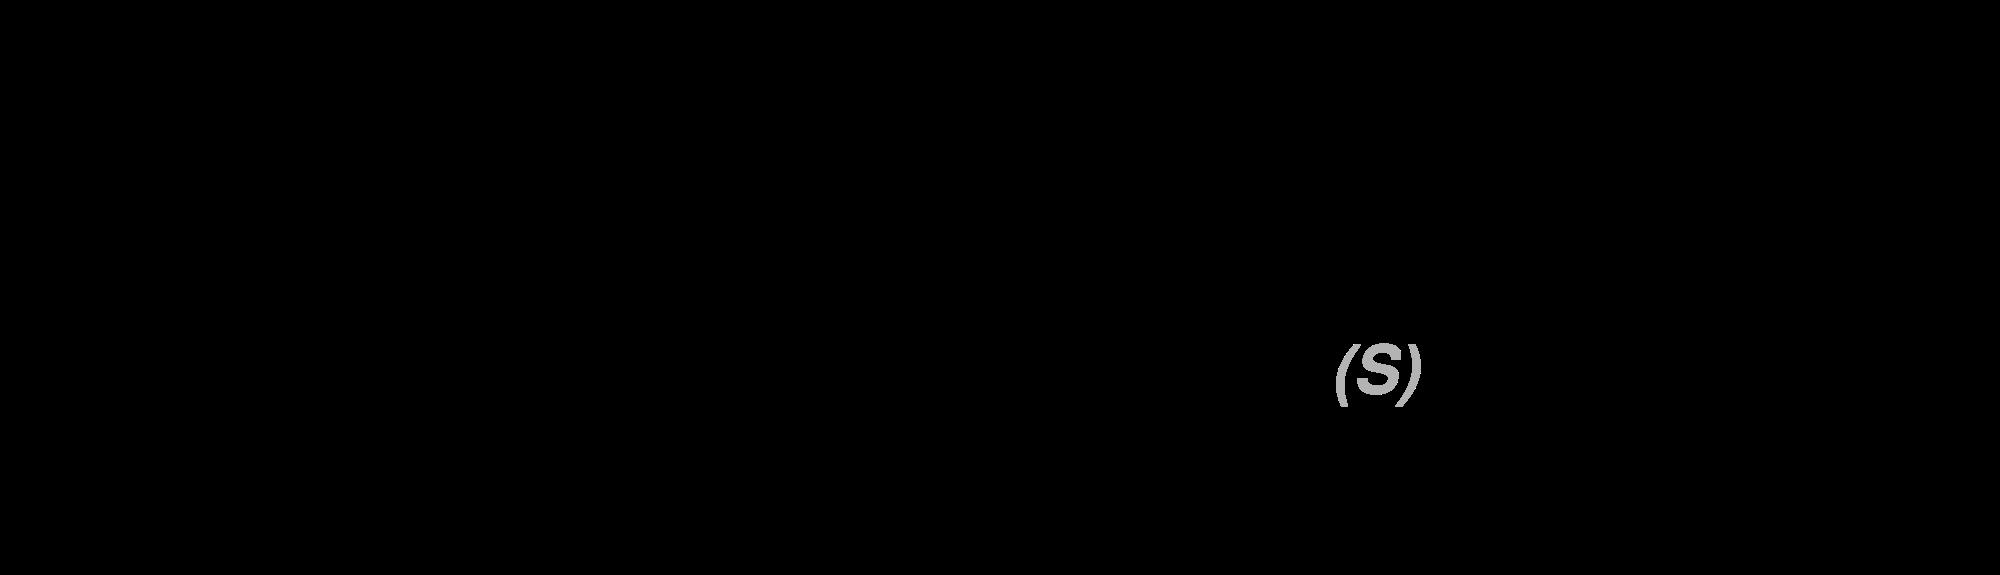 metoprolol magas vérnyomás esetén)